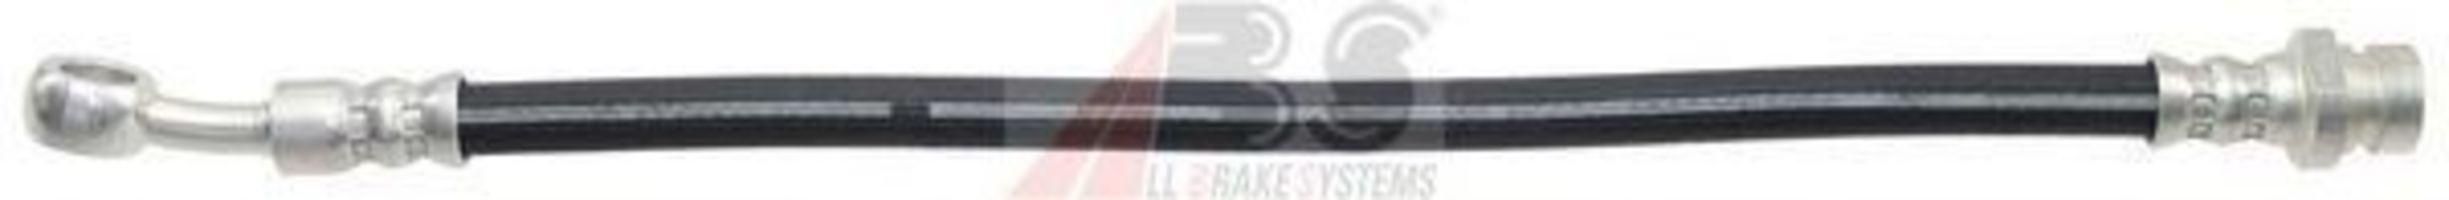 Шланг тормозной A.B.S. SL6212